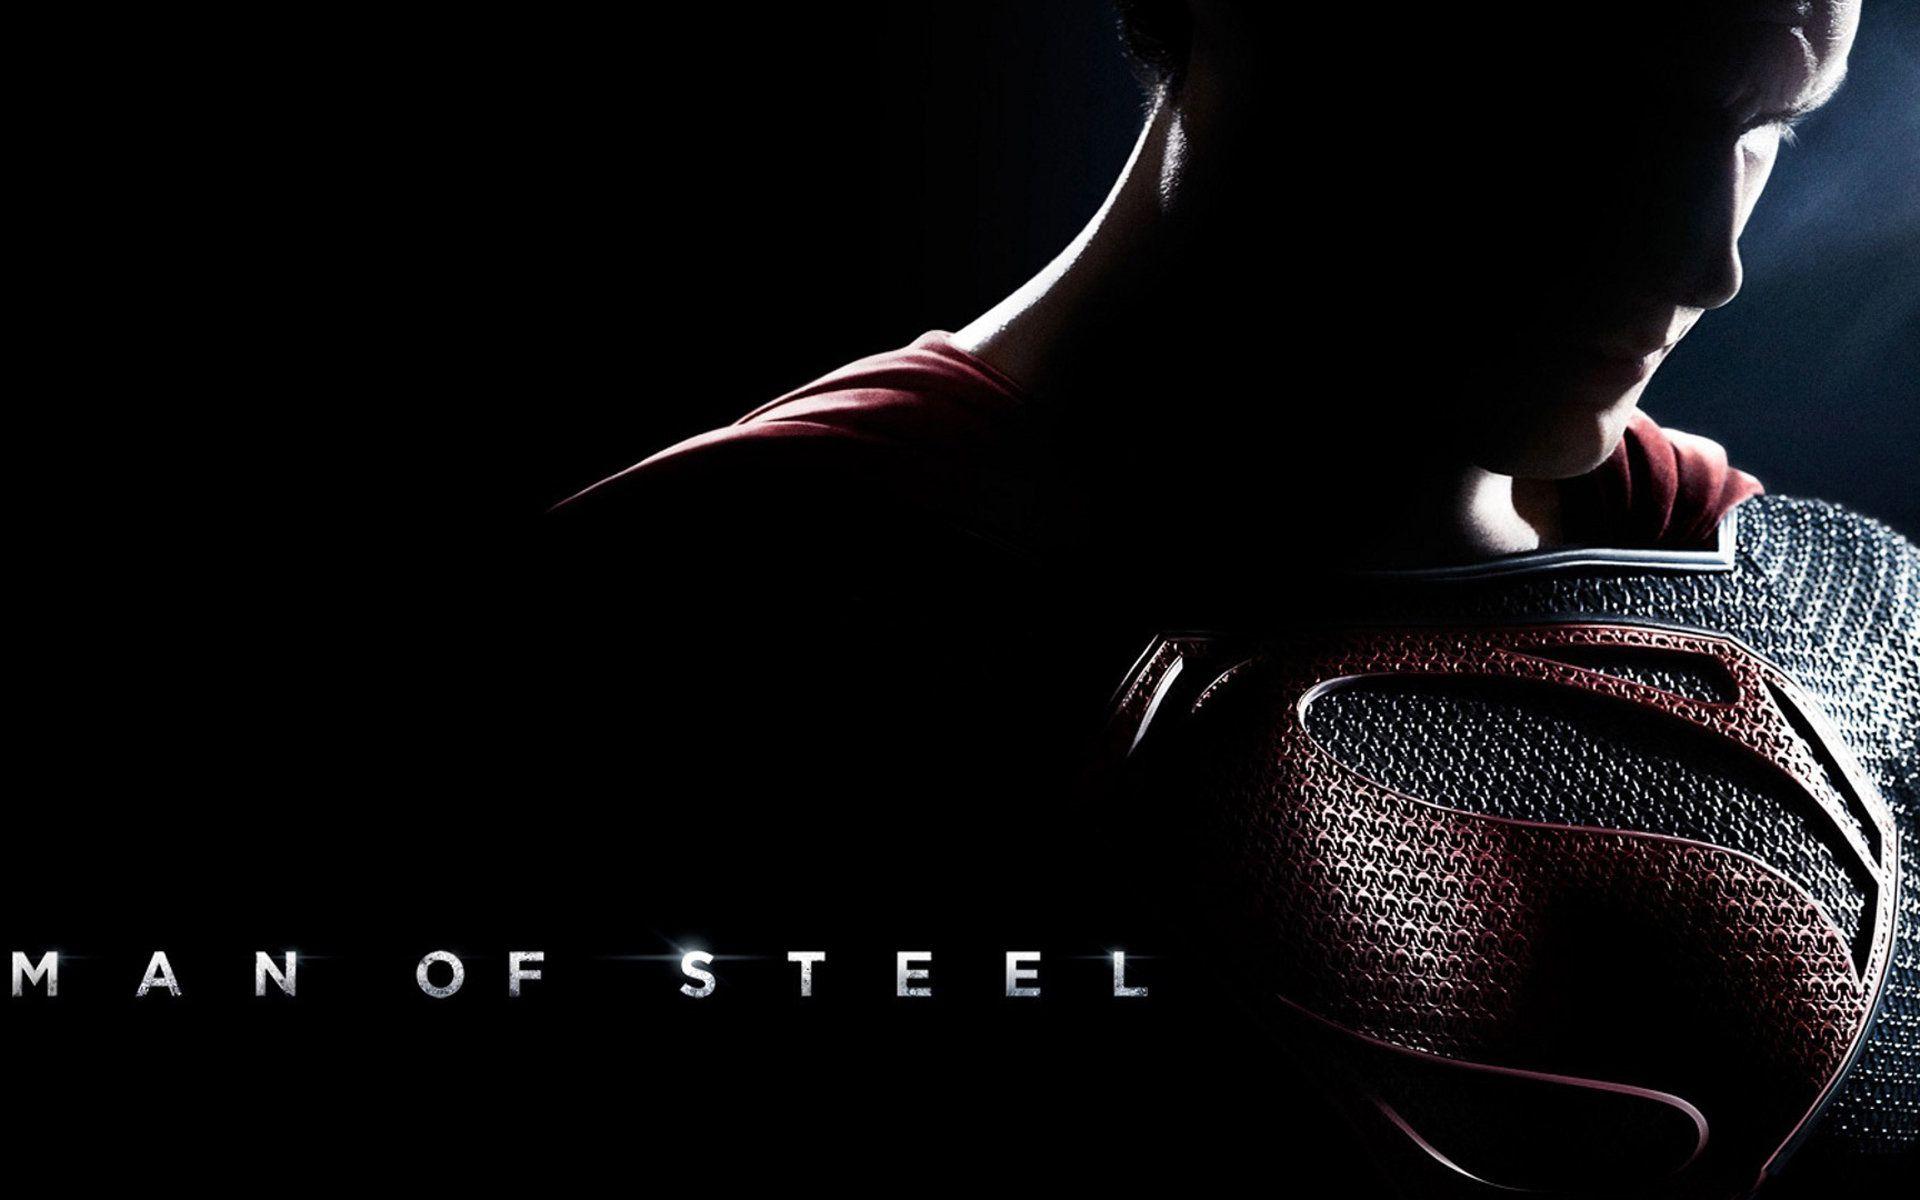 超人:鋼鐵之軀 高清壁紙 | 桌面背景 | 1920x1200 | ID:481848 - Wallpaper Abyss